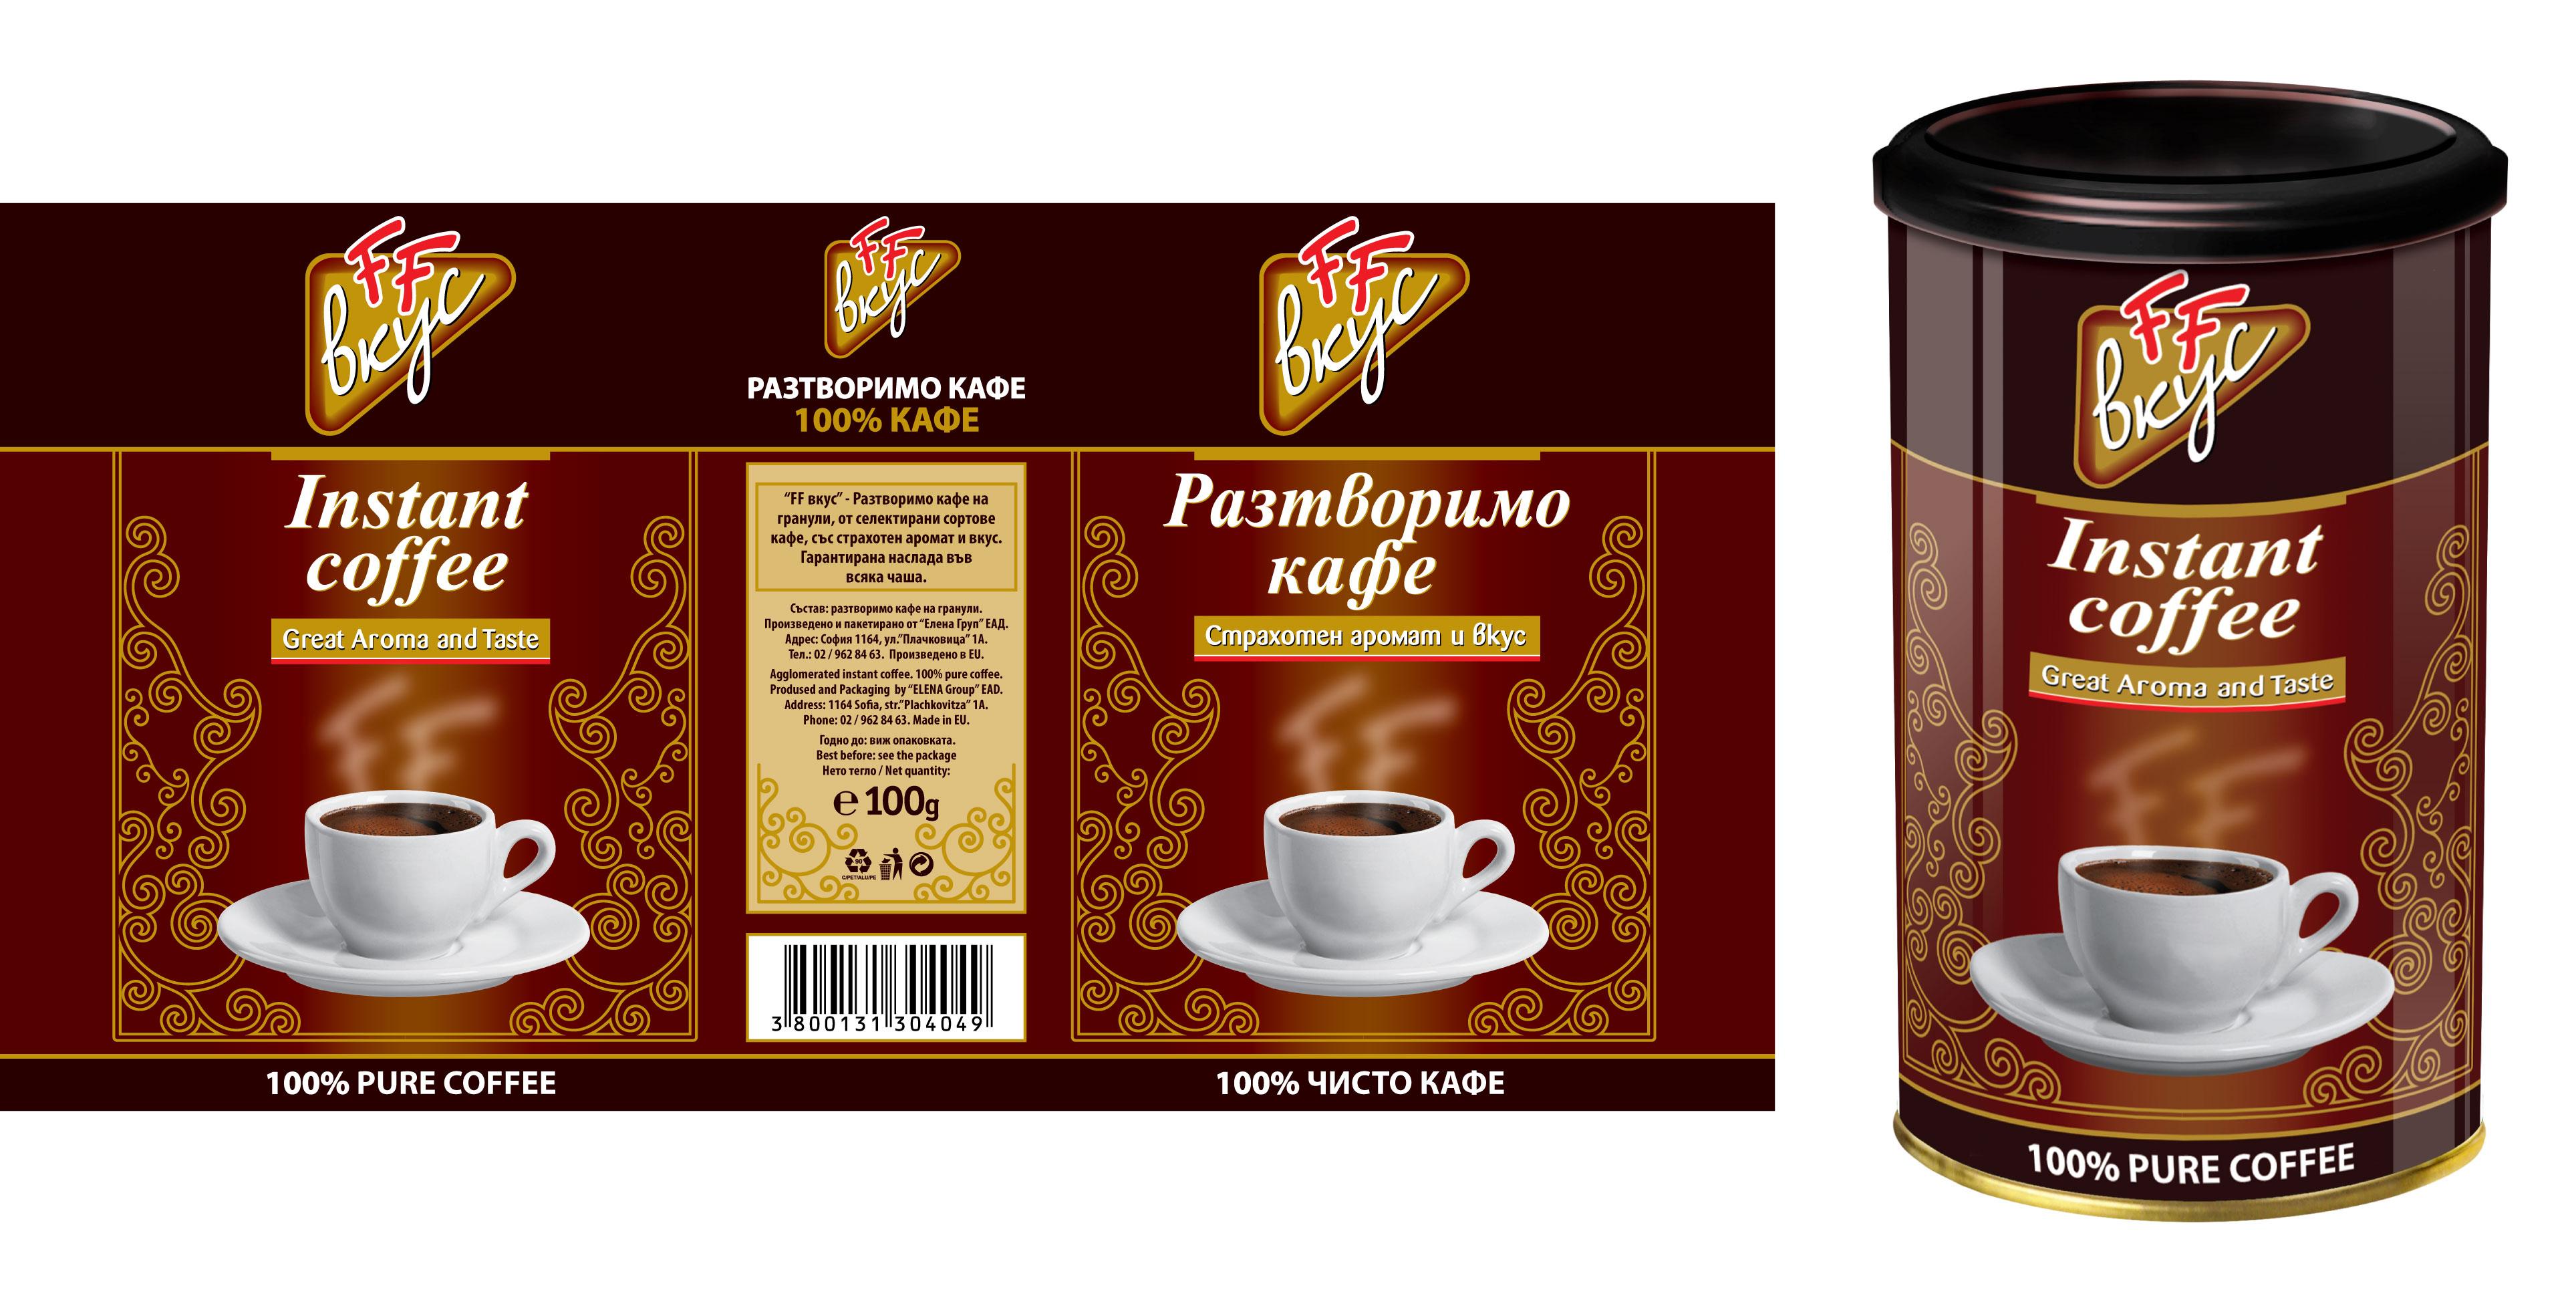 FF coffee